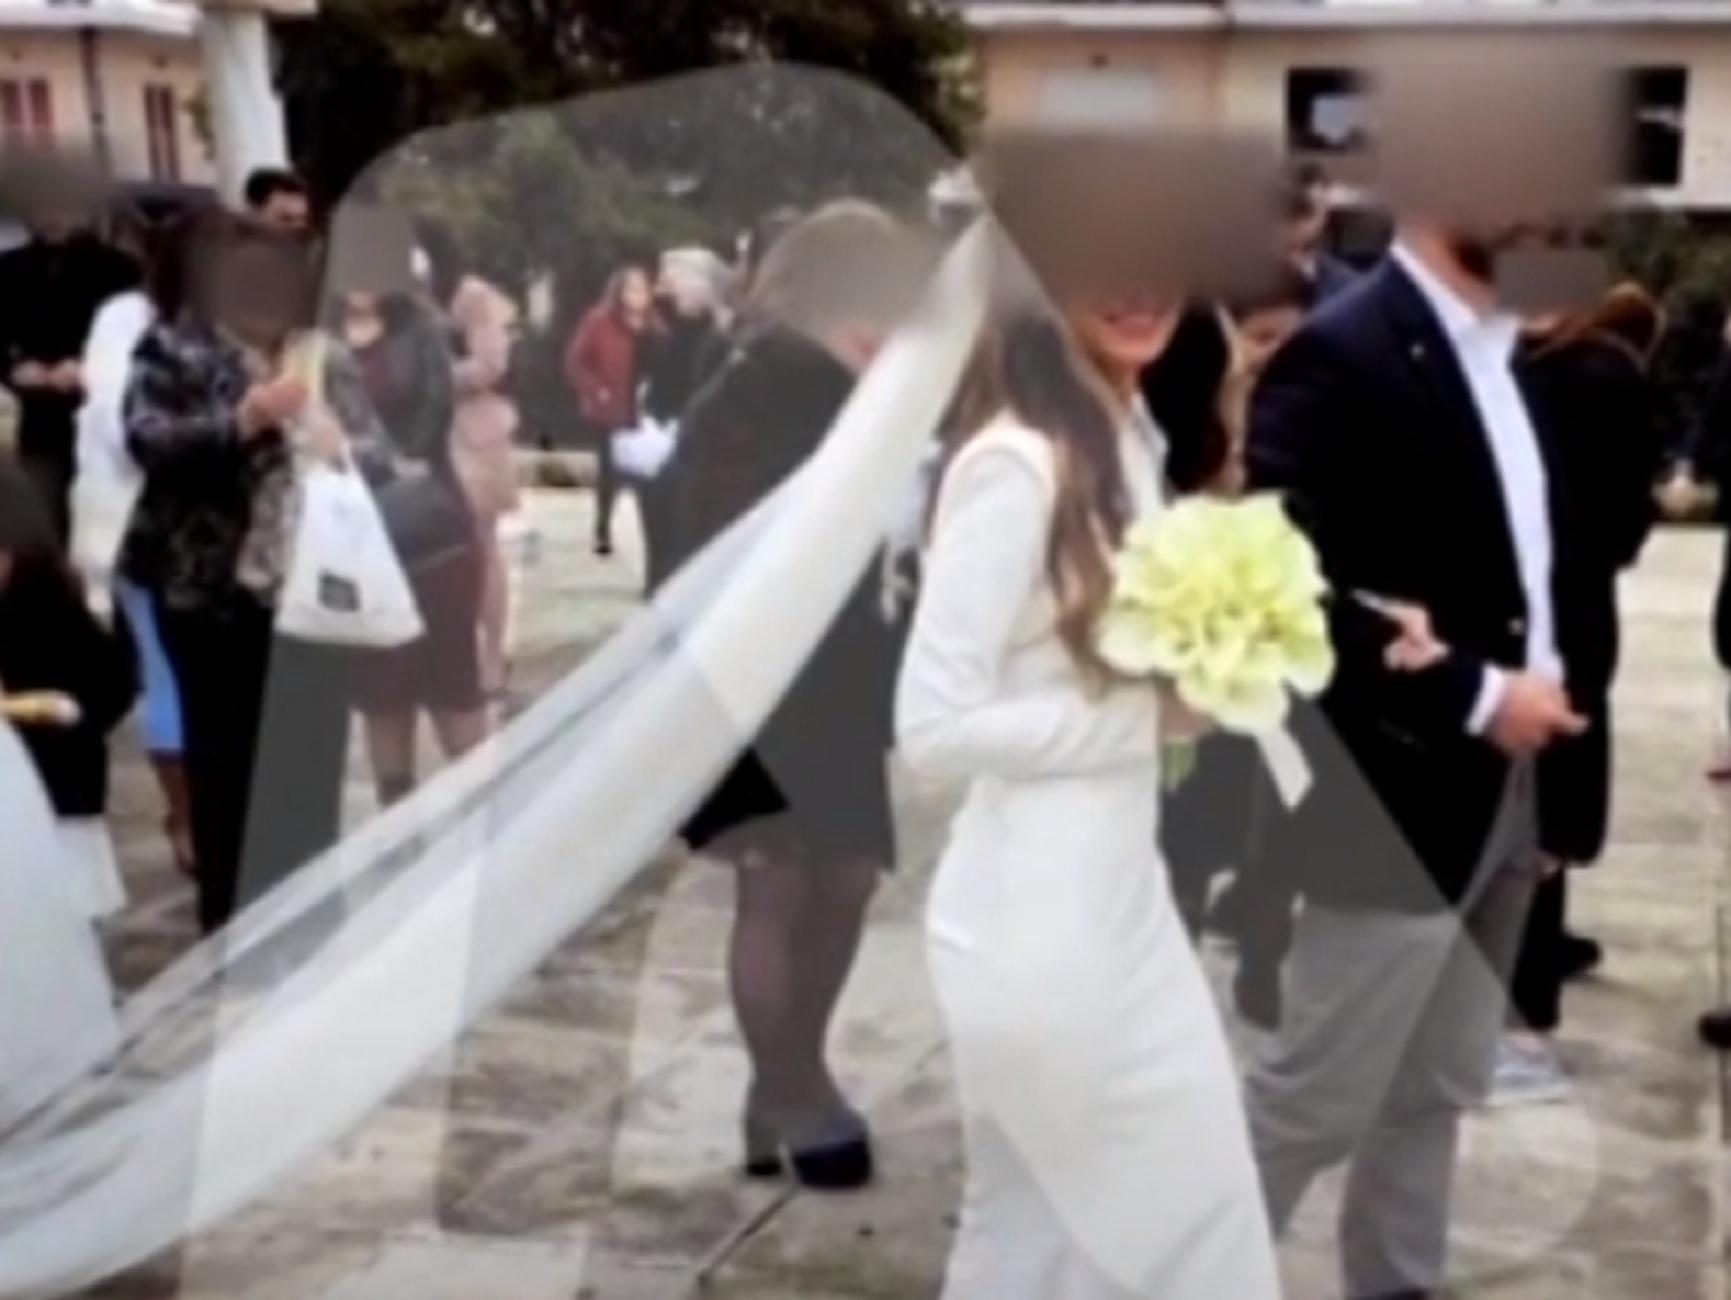 Μαλεσίνα – Κορονοϊός: Πέθανε και ο παππούς της νύφης από τον επίμαχο γάμο – 17 νεκροί στην περιοχή